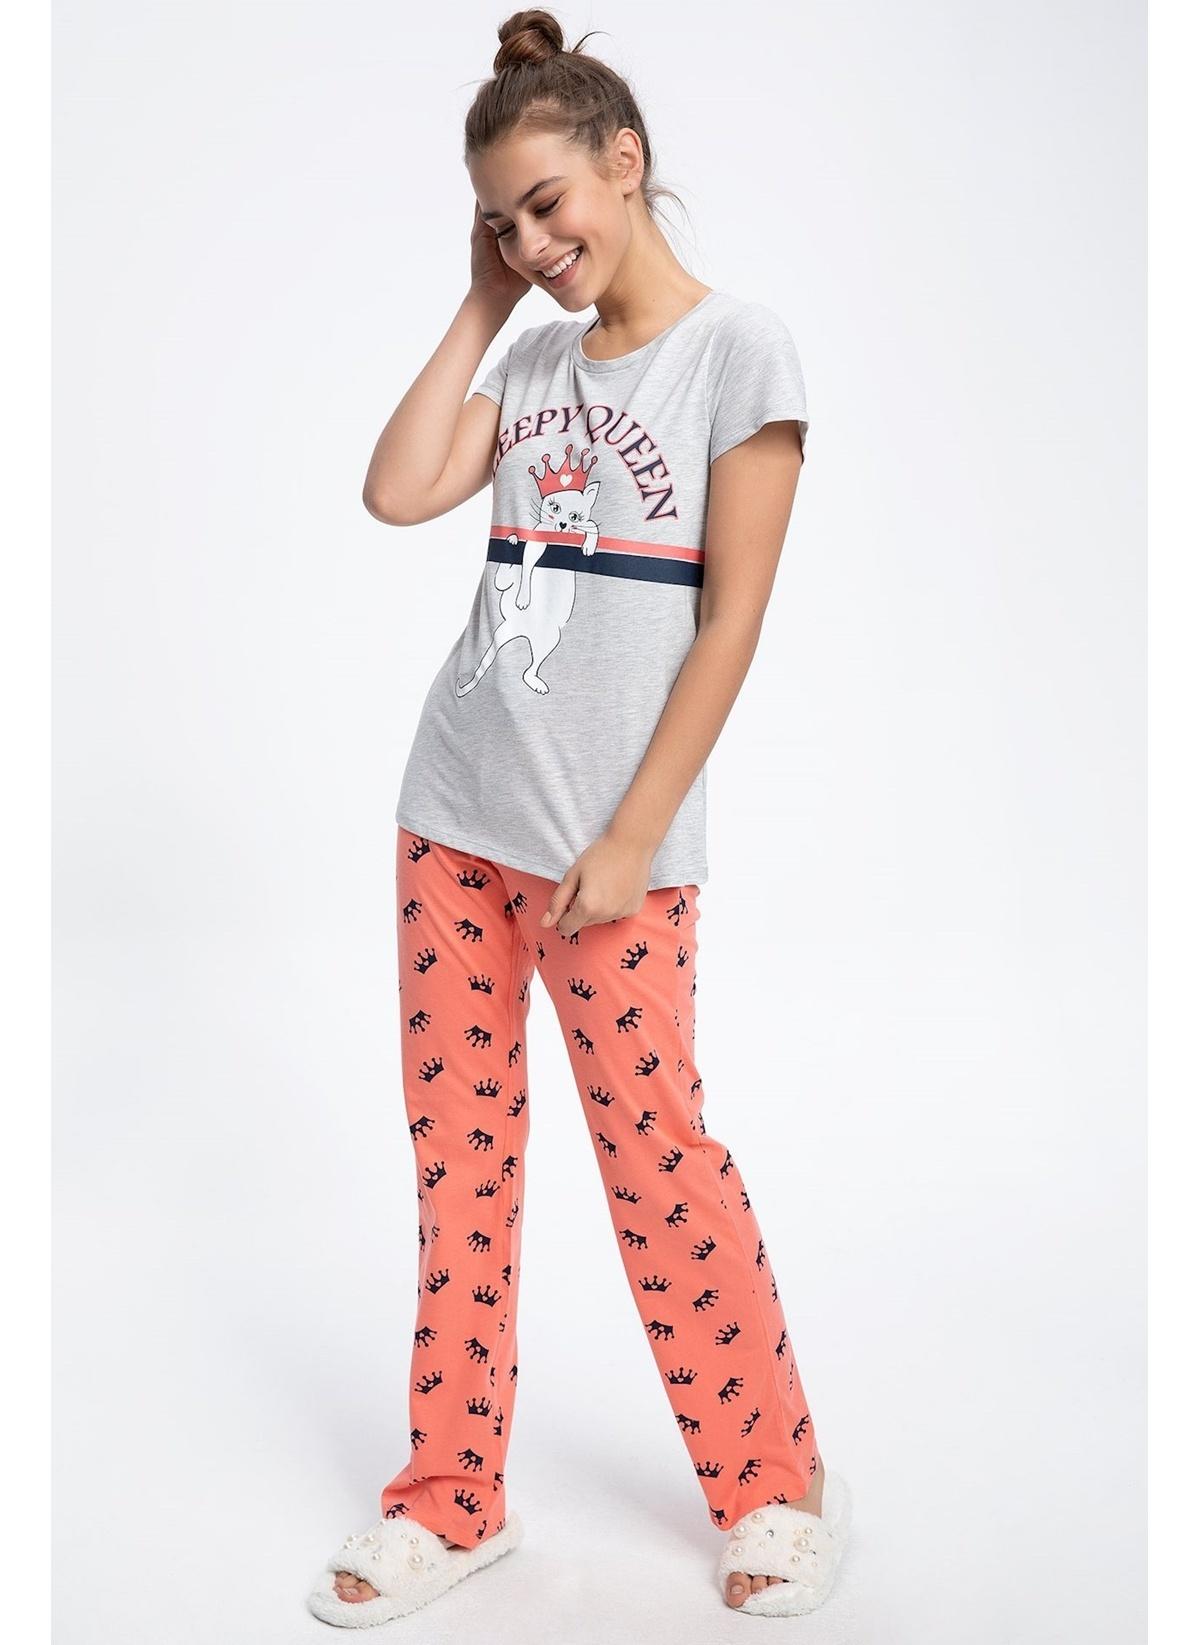 Defacto Pijama Takım K3308az19sprd45 Baskılı Pijama Takımı – 59.99 TL